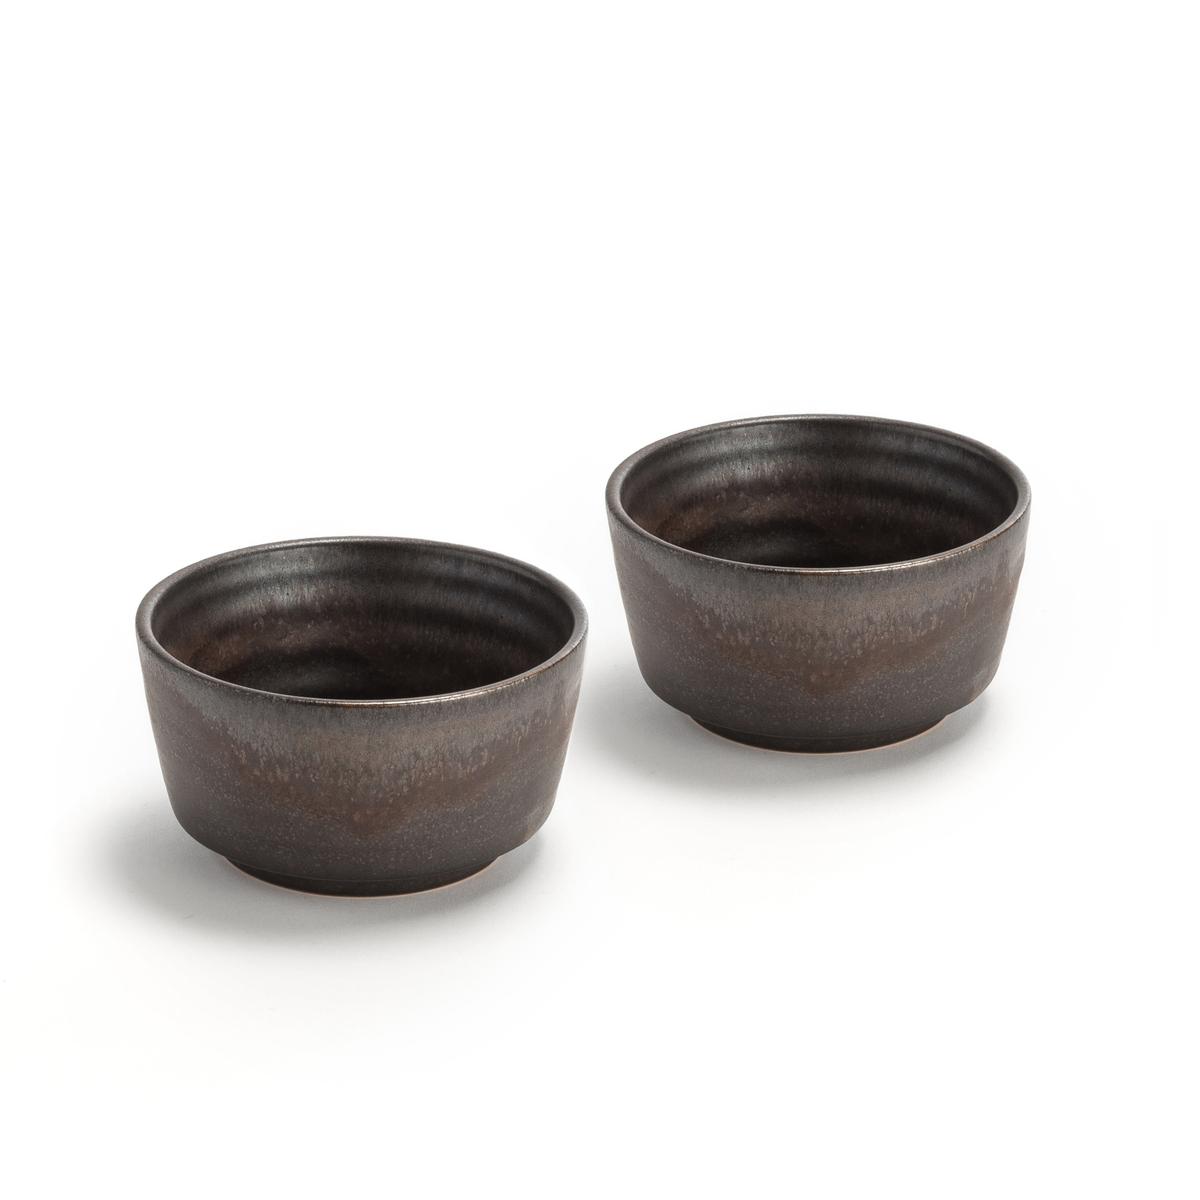 Чашки La Redoute Из глазурованной керамики см Chami единый размер каштановый чашки la redoute из керамики shima единый размер зеленый